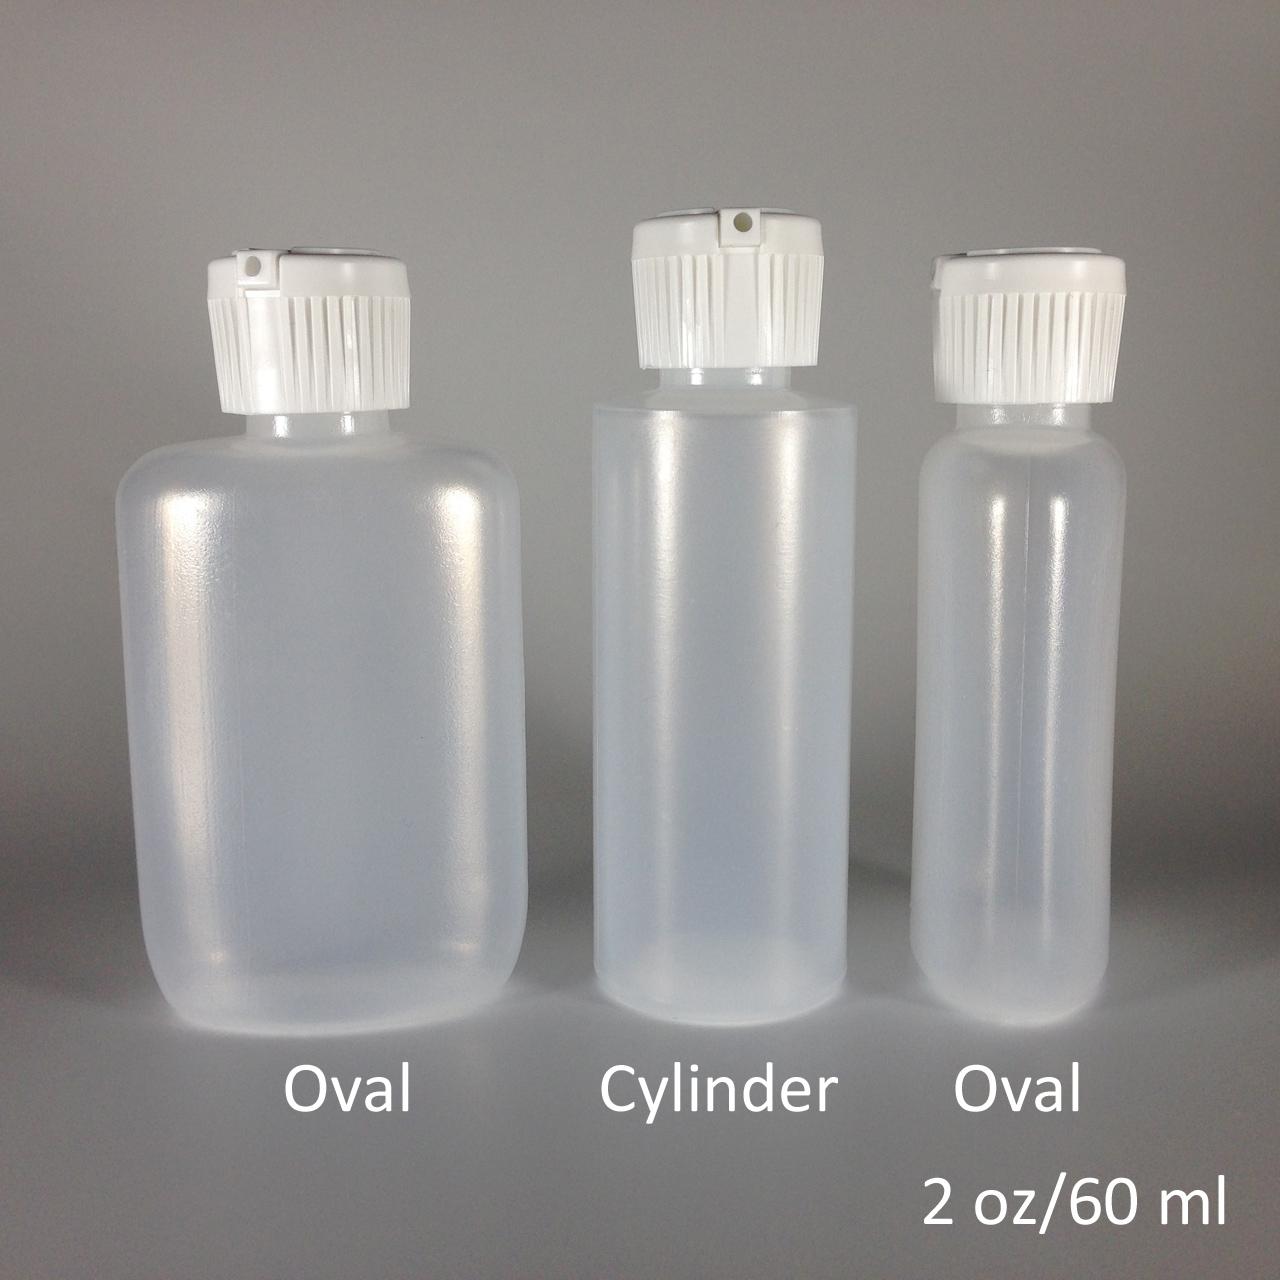 flip-top-oval-vs-cylinder-bottle-2oz.jpg